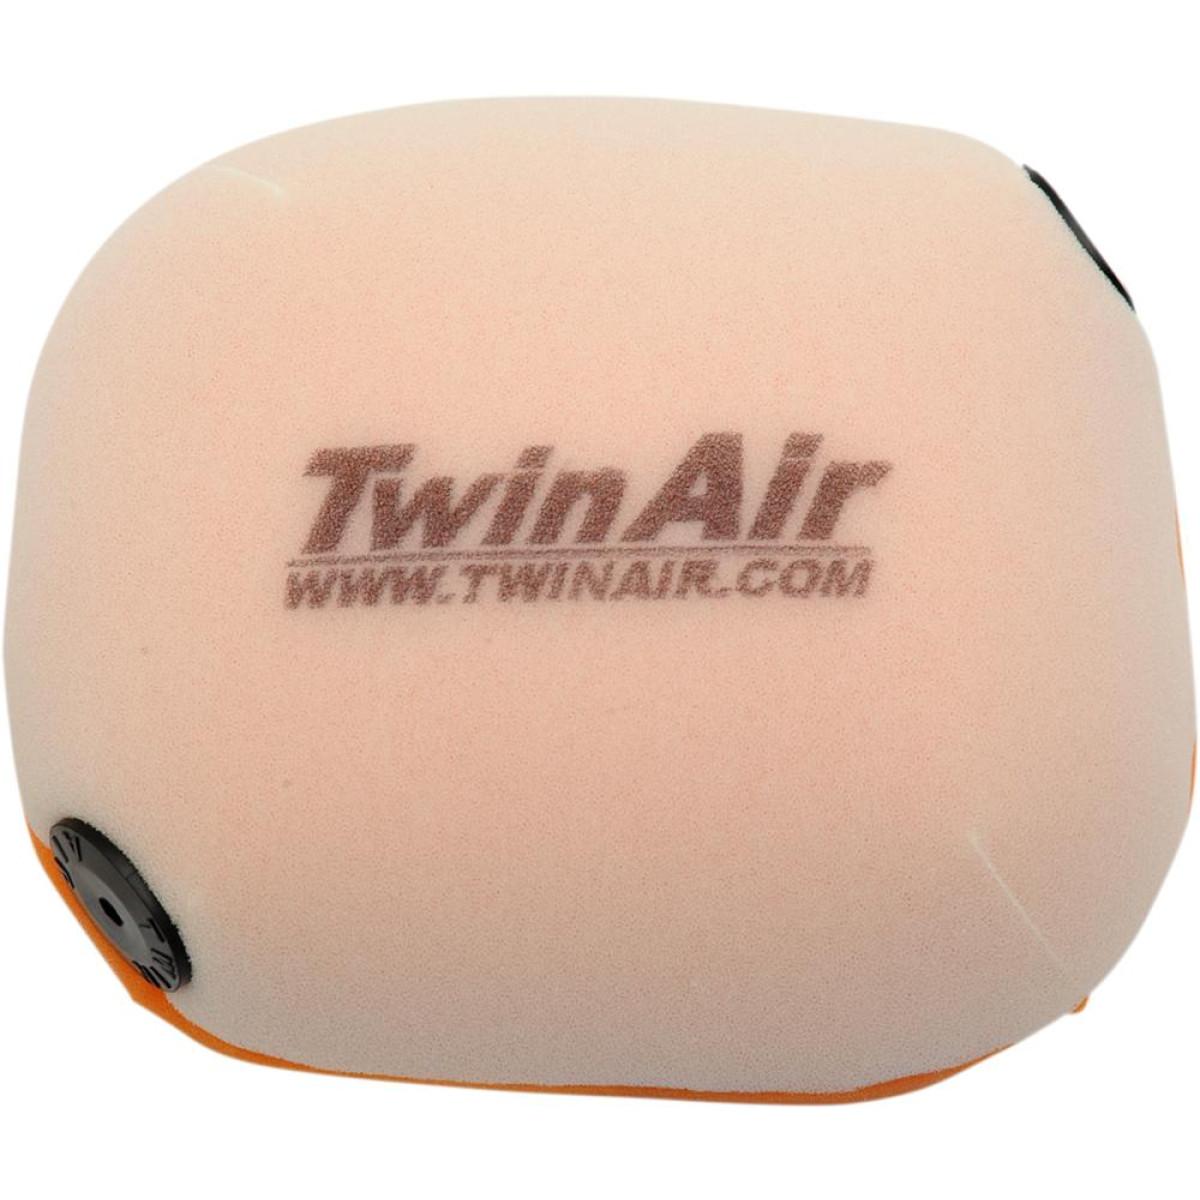 Twin Air Luftfilter  KTM SX/SX-F 16-18, EXC/EXC-F 17-18, HUSQVARNA TC/FC 16-18, TE/FE 17-18